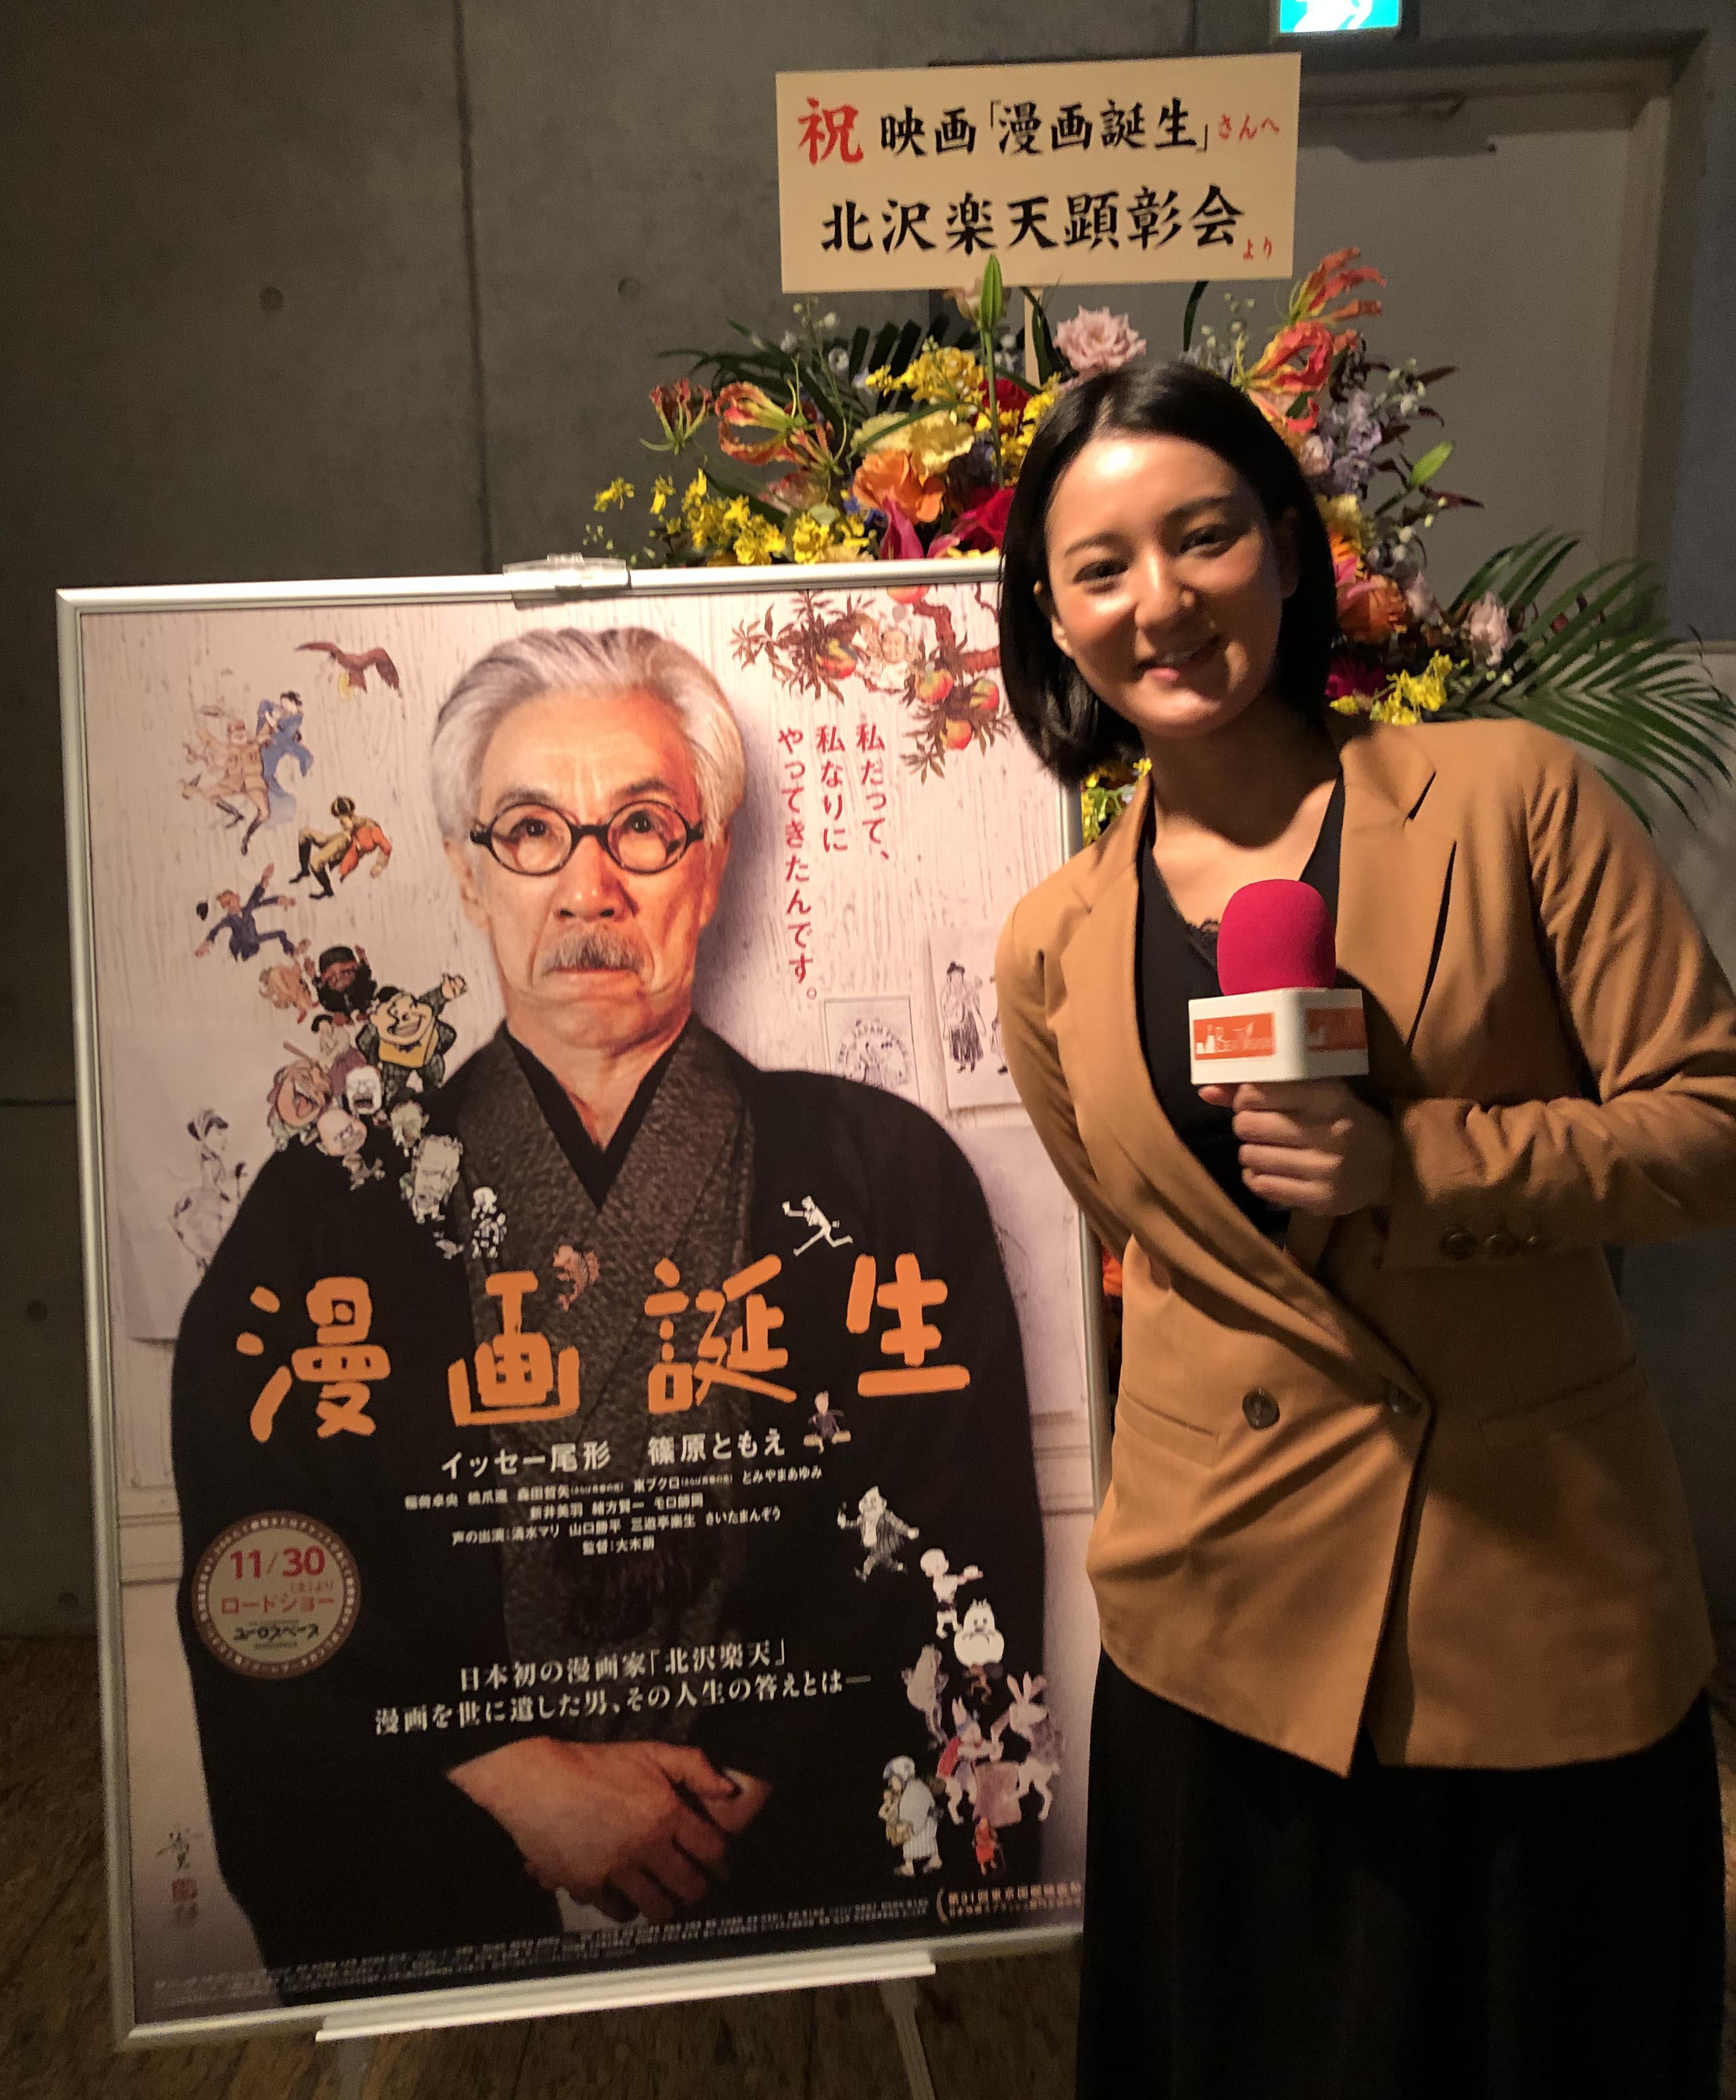 2019年11月 映画「漫画誕生」初日舞台挨拶